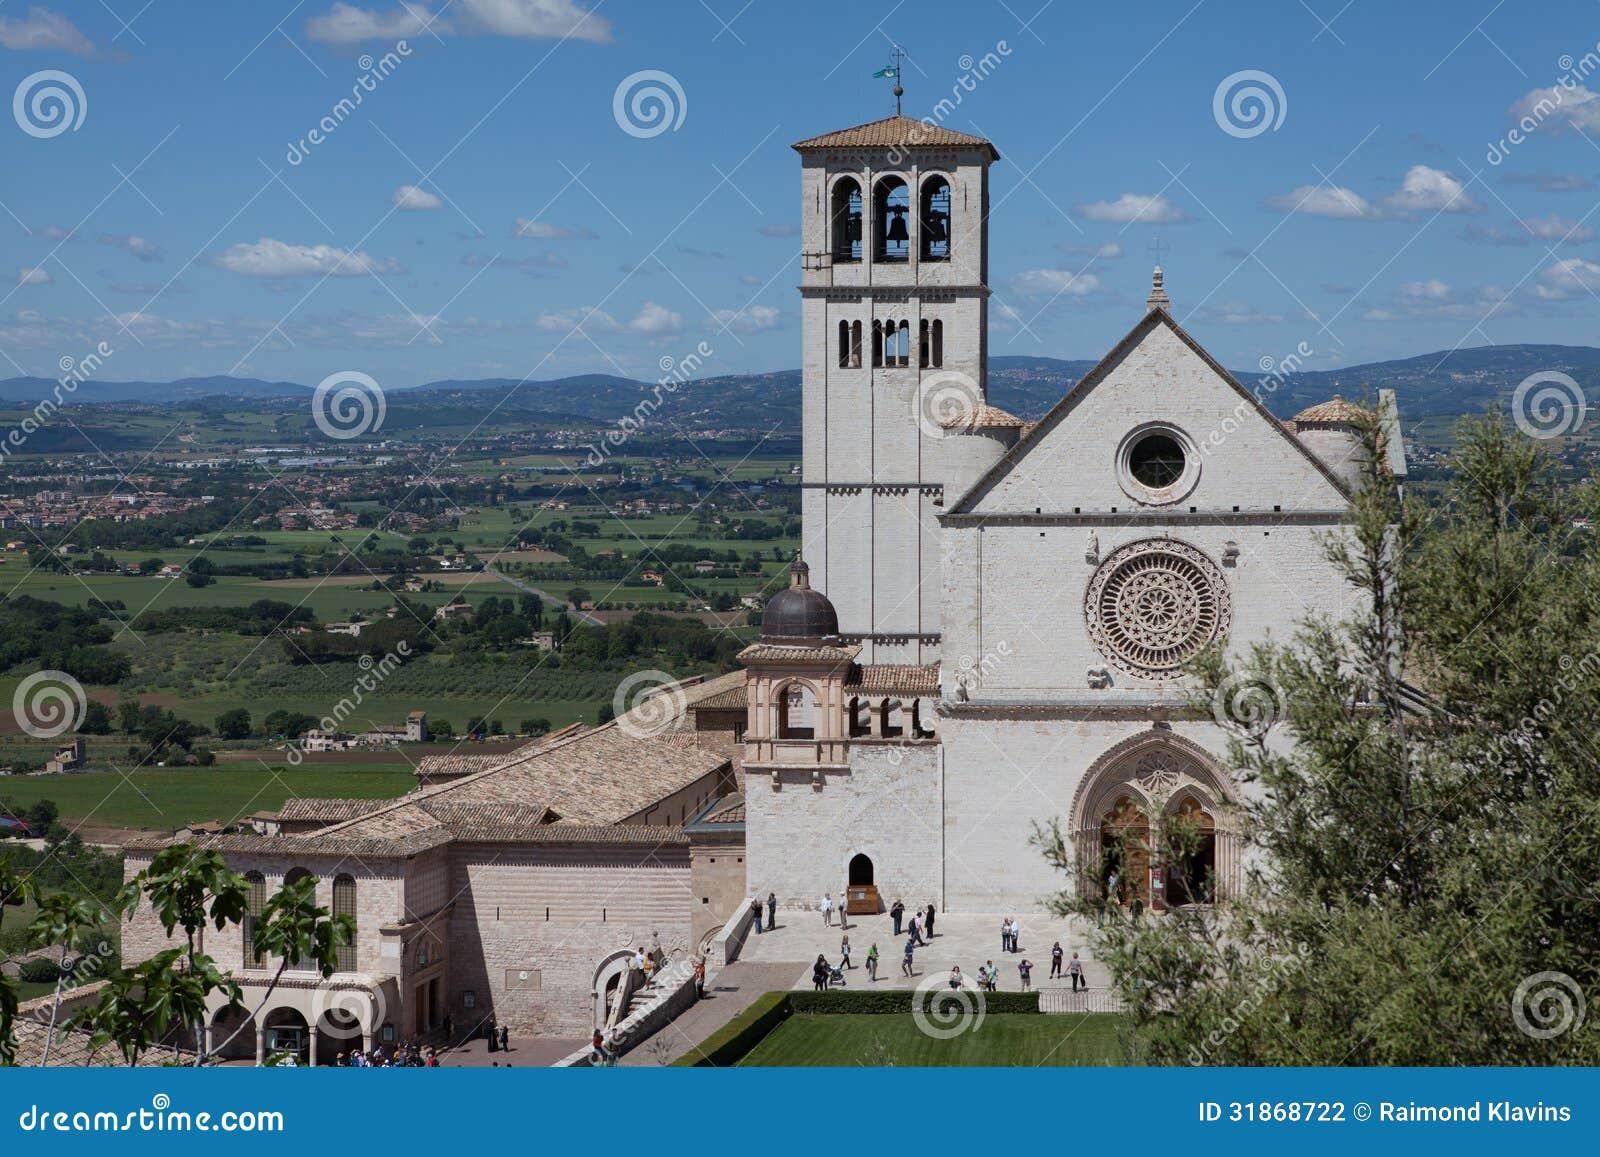 Basilica Of San Francesco Assisi